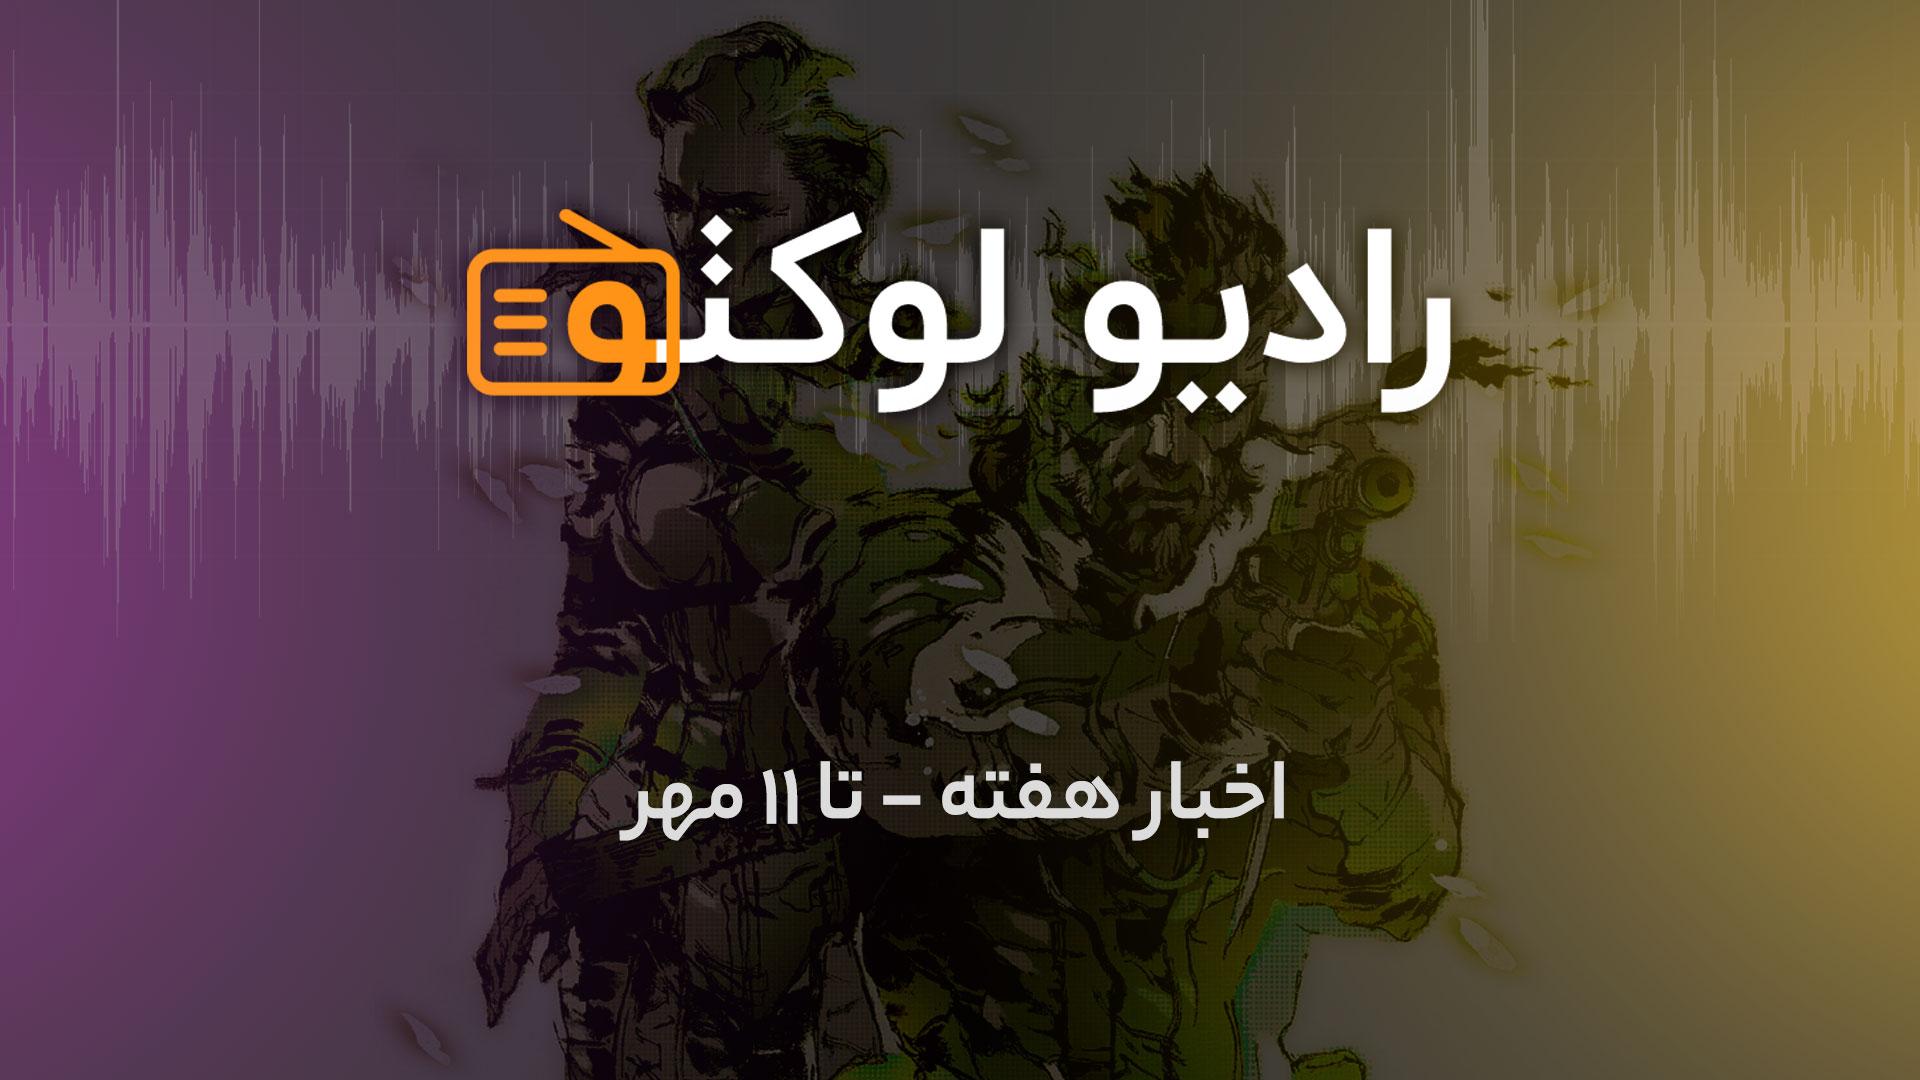 اخبار هفته - تا 11 مهر ۱۴۰۰